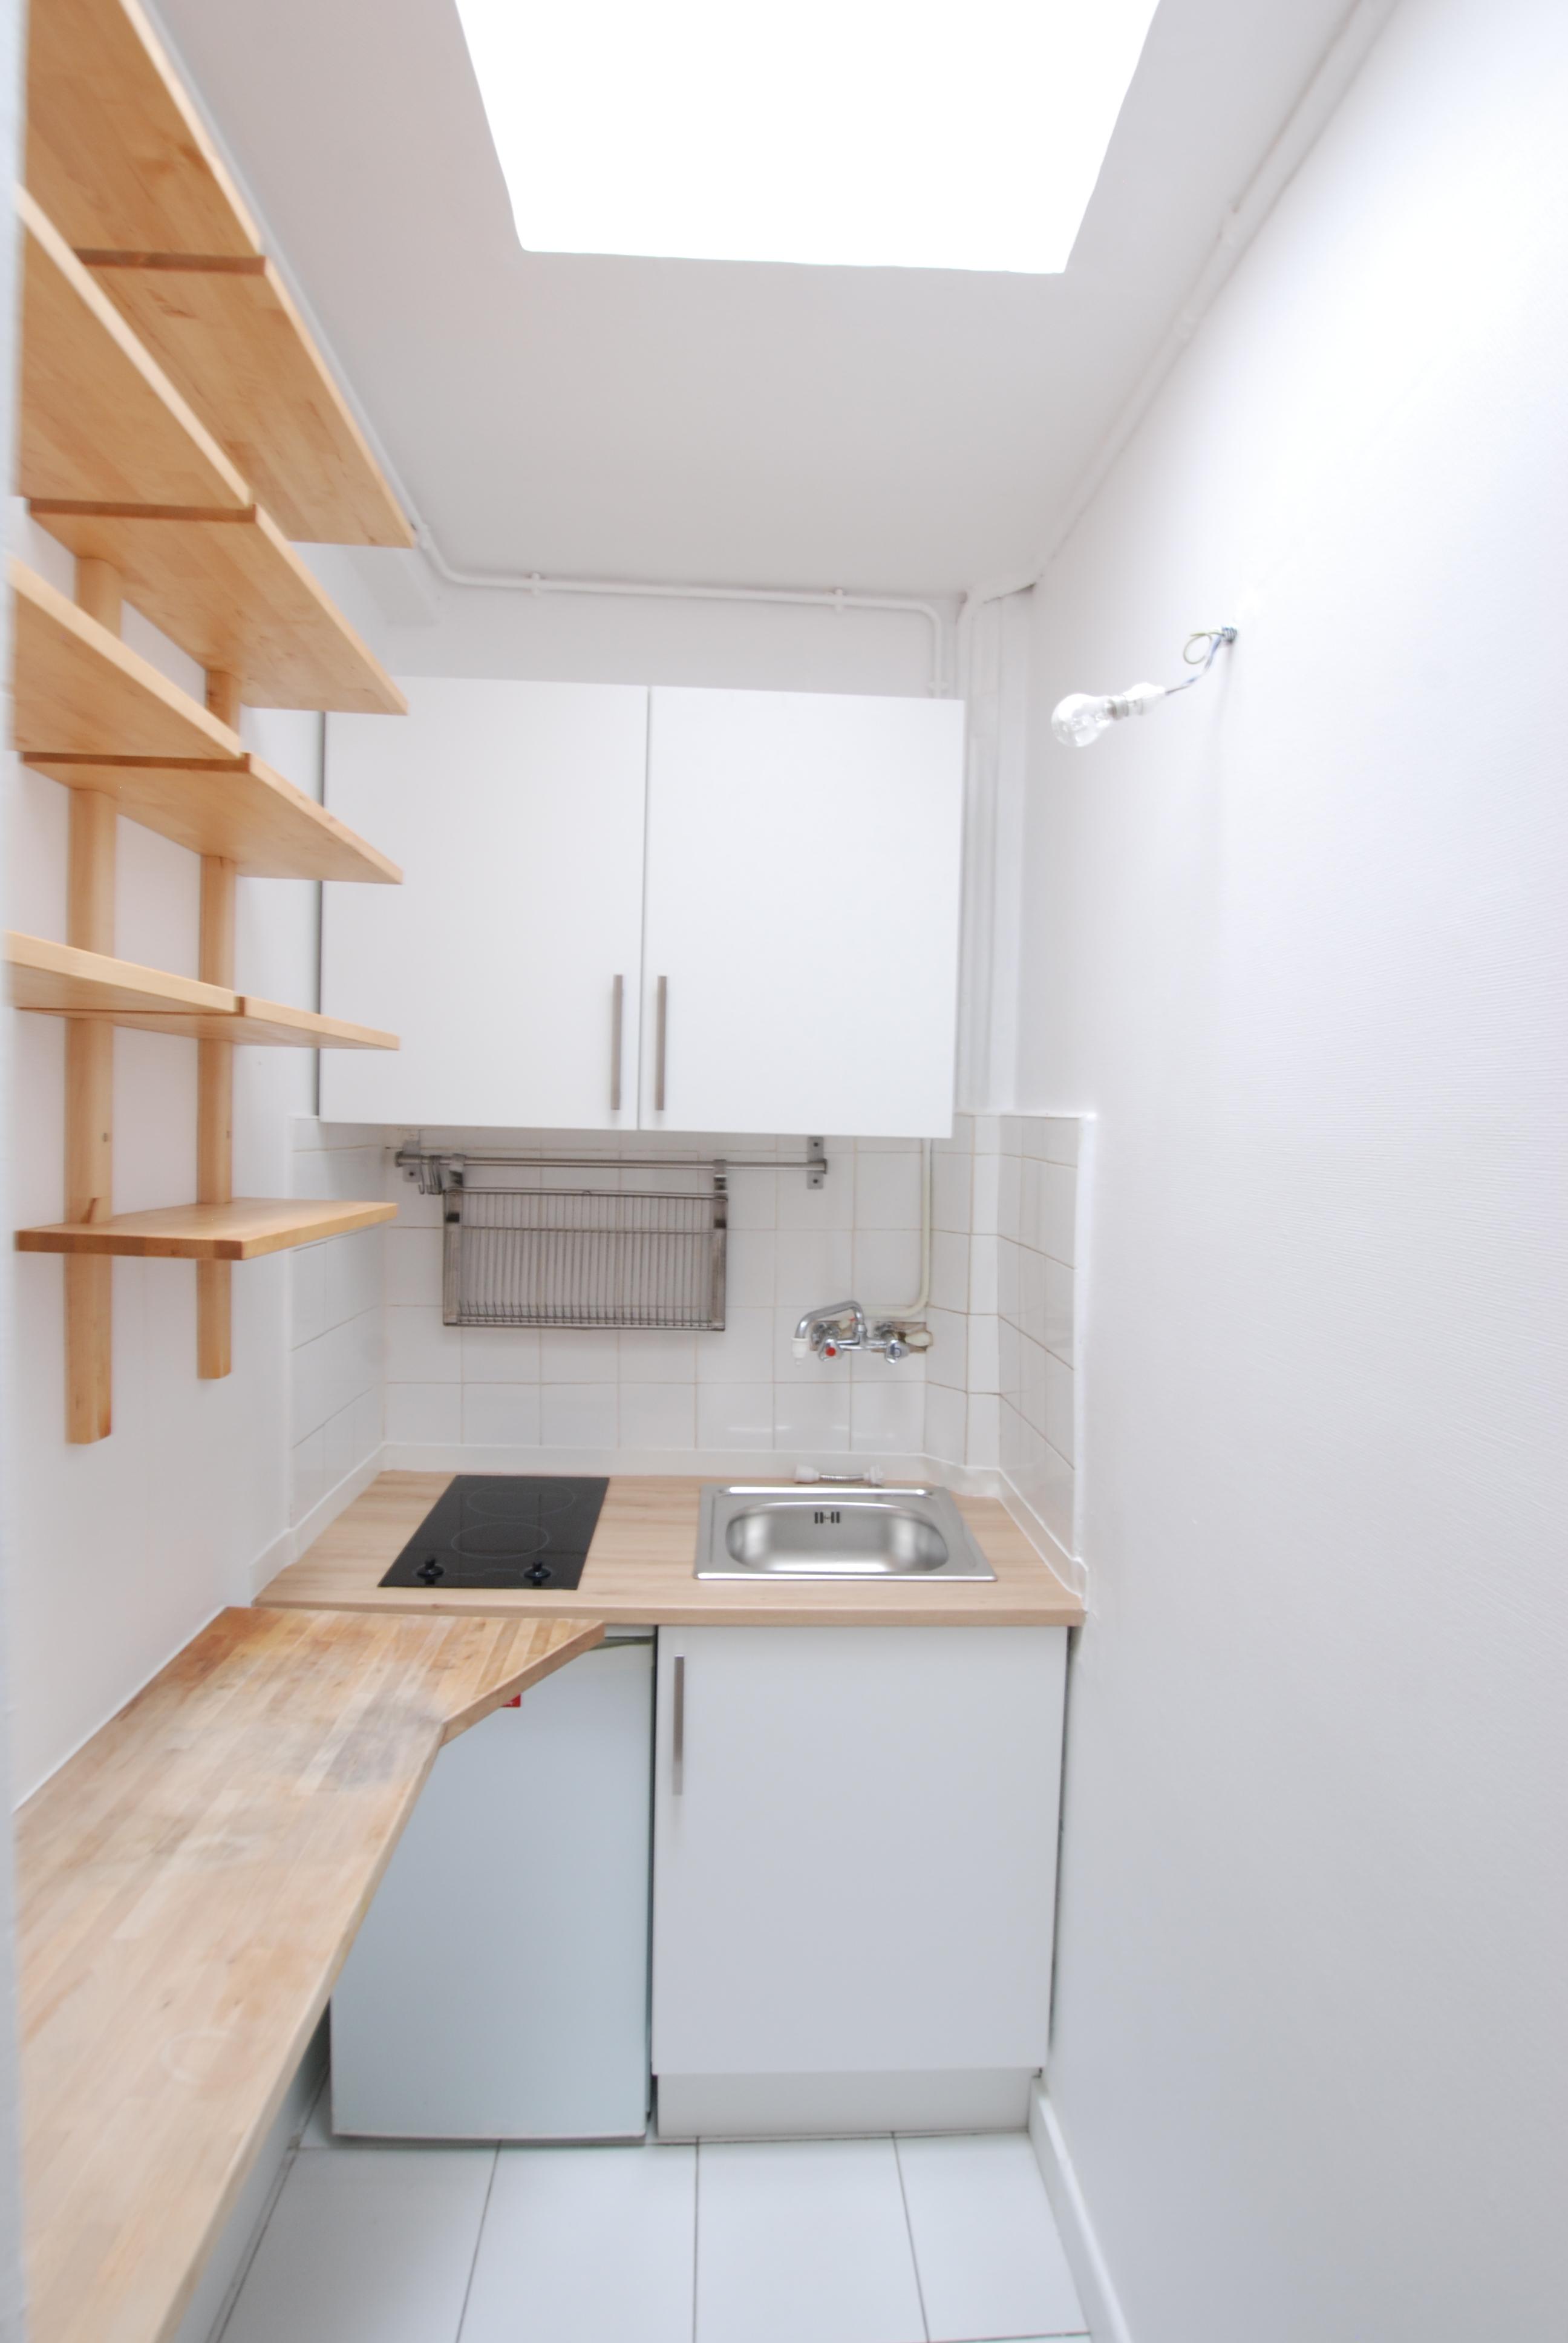 Appartement 2 pi ces paris 17 me evolucim immobilier for Appartement meuble paris 17eme